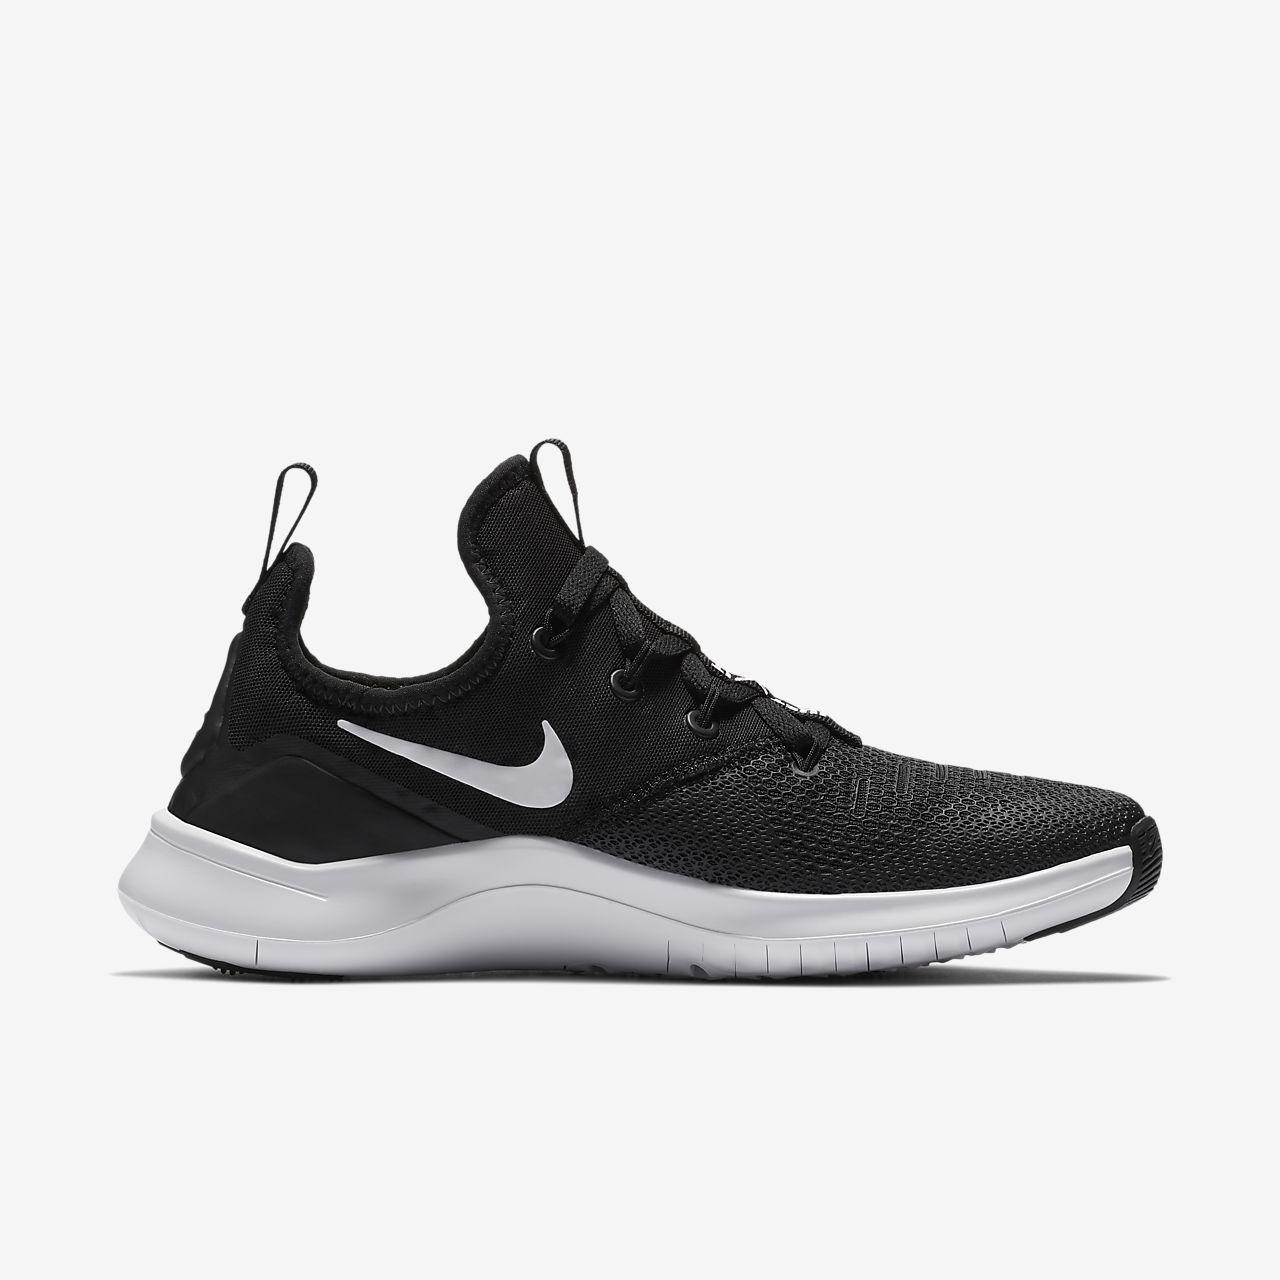 buy popular ec05f 29ded Sko för gym HIIT crosstraining Nike Free TR8 för kvinnor. Nike.com SE